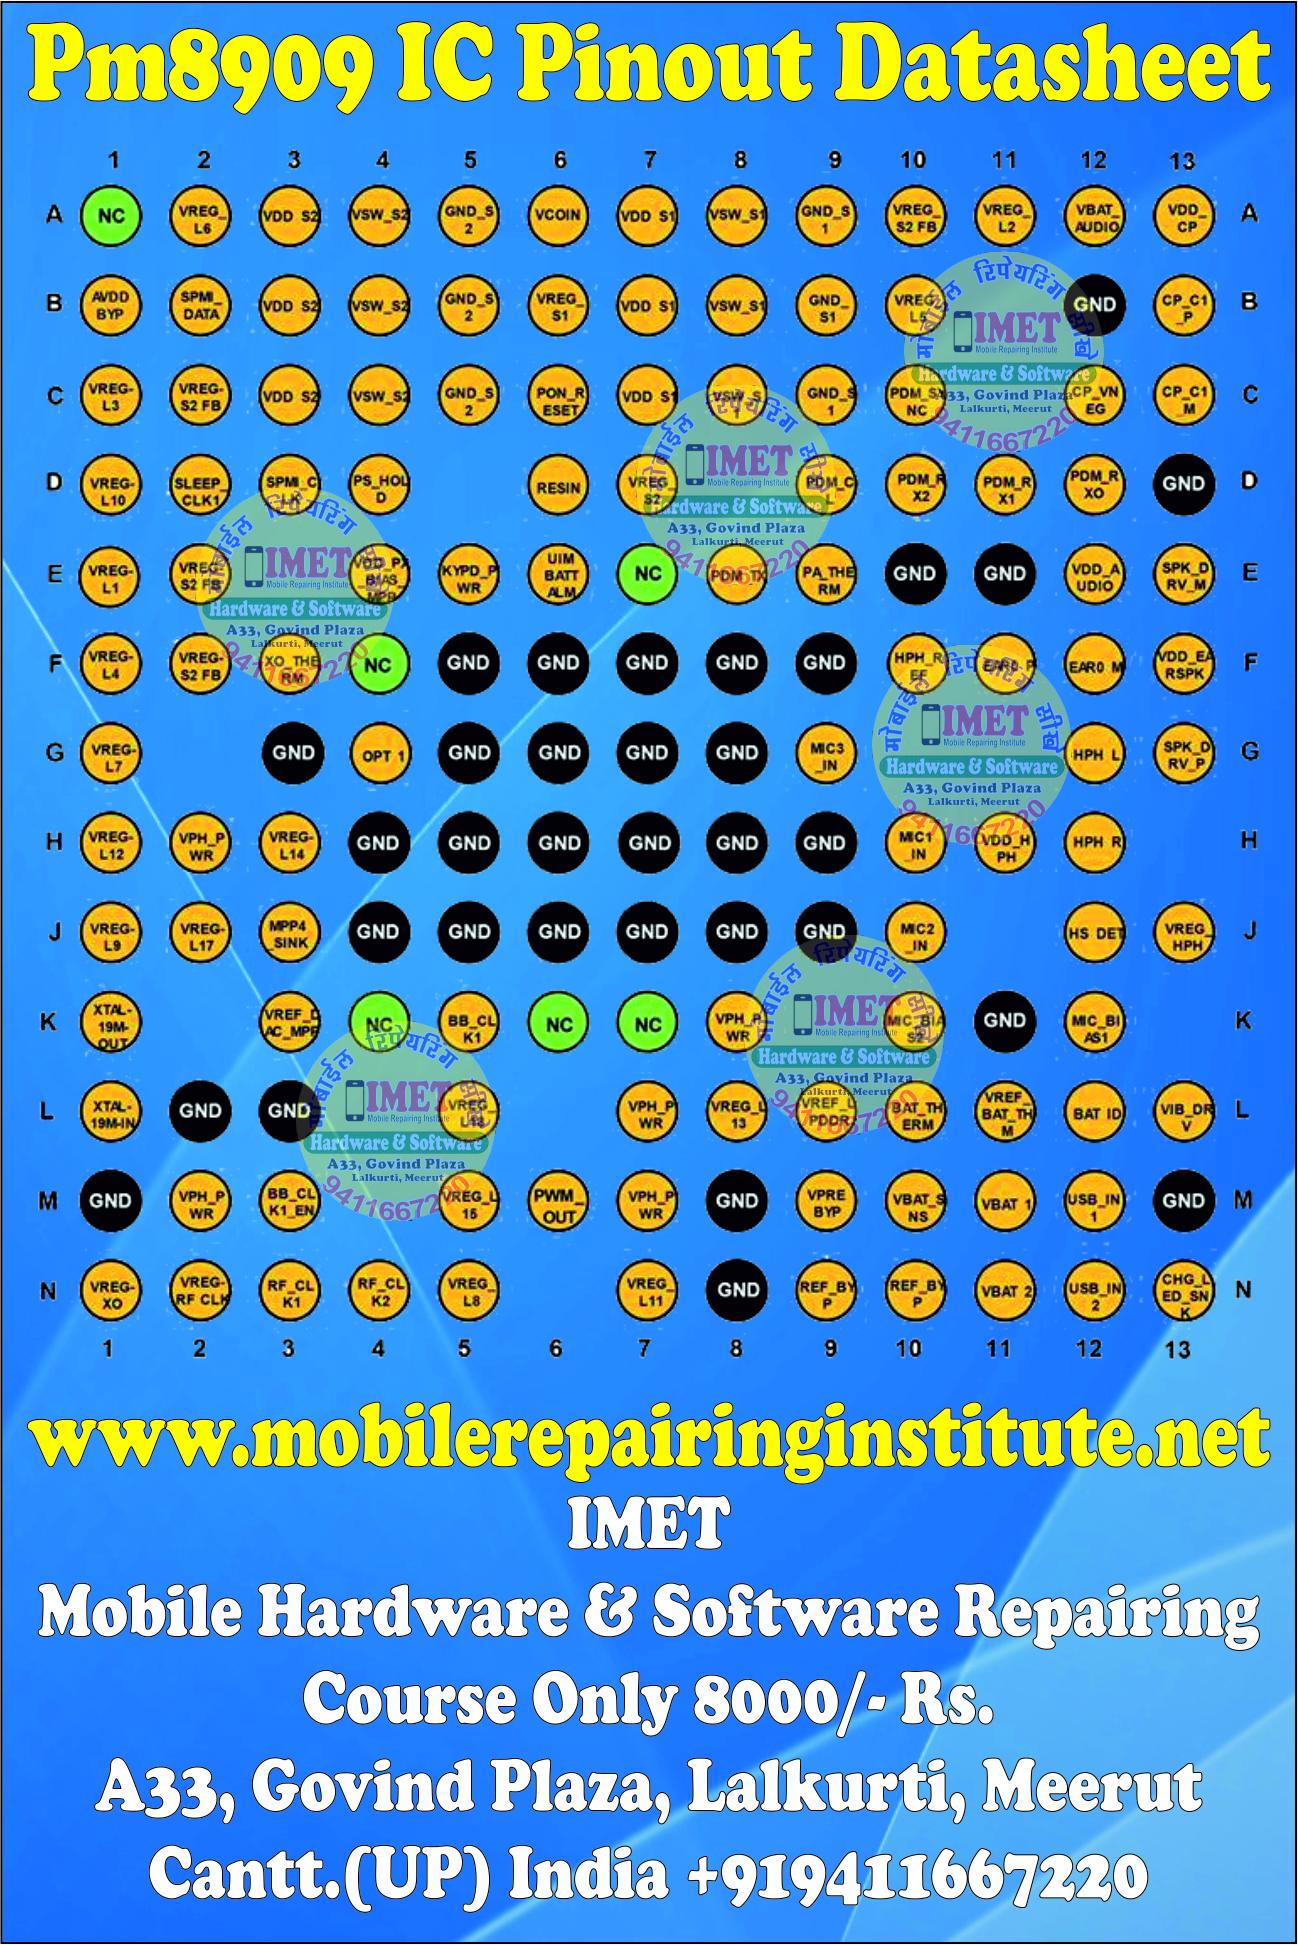 PM8909 IC Pinout Datasheet